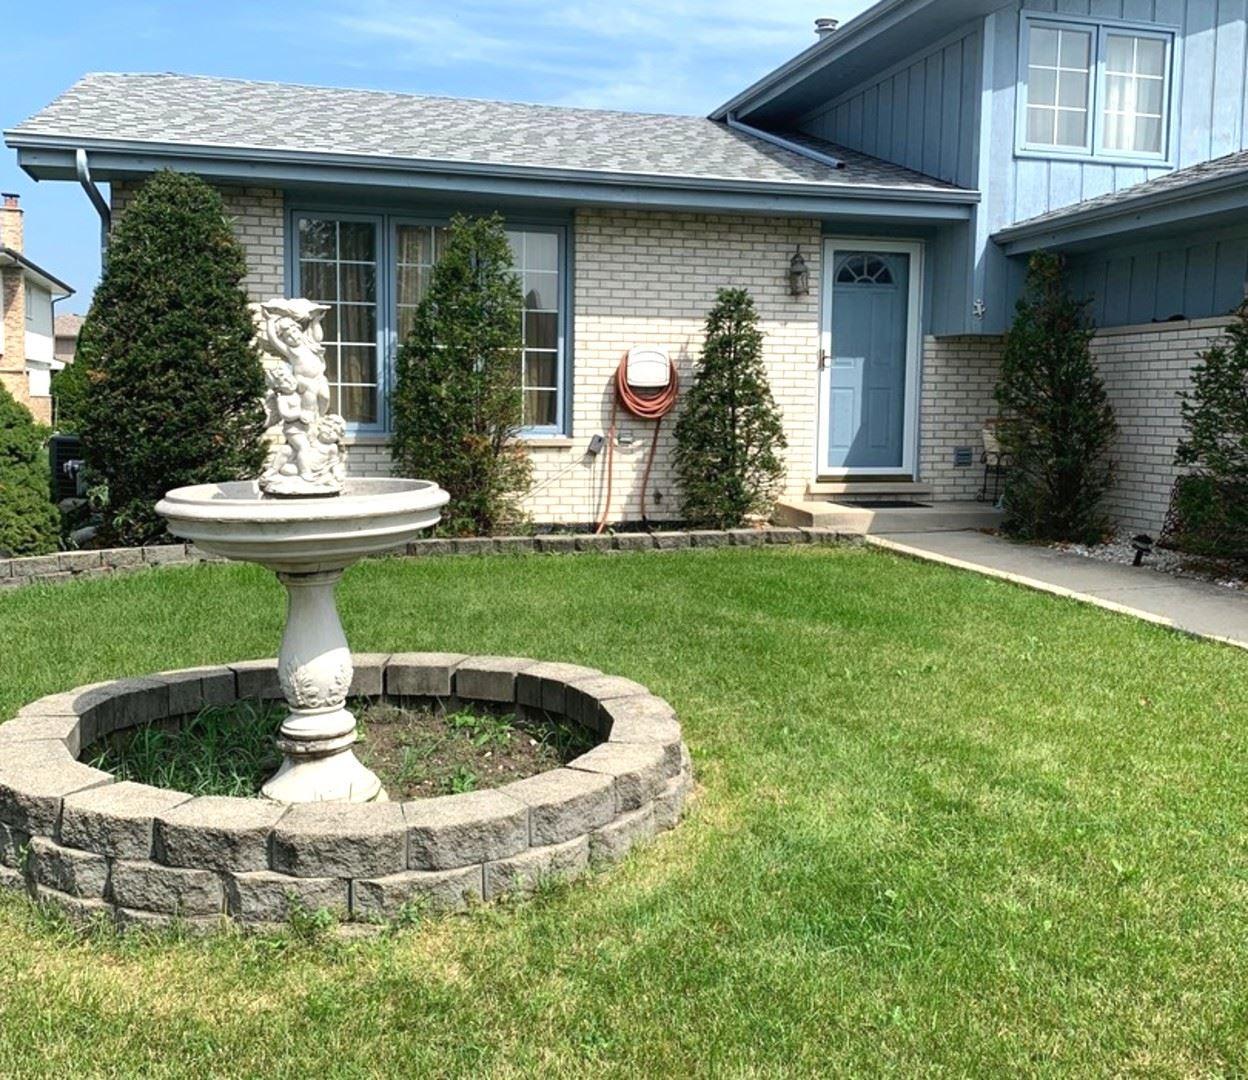 Photo of 942 Princeton Avenue, Romeoville, IL 60446 (MLS # 10887737)